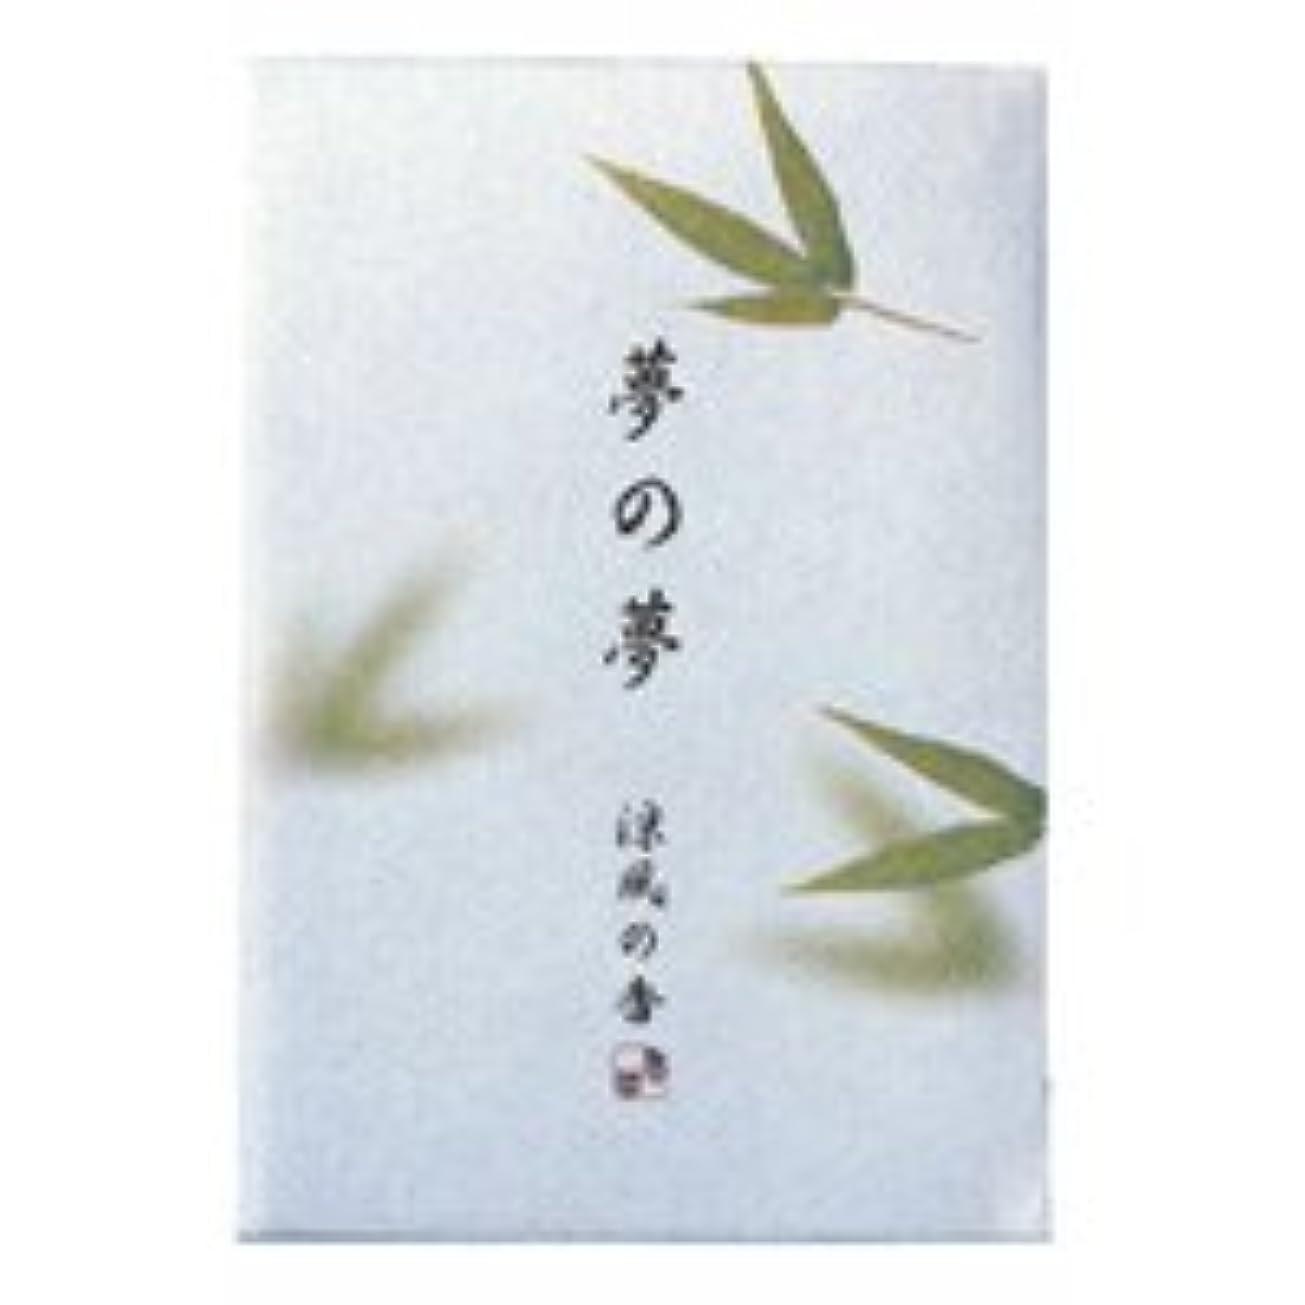 表示賞賛する違う日本香堂 夢の夢 涼風の香(すずかぜ) お香 スティック 12本